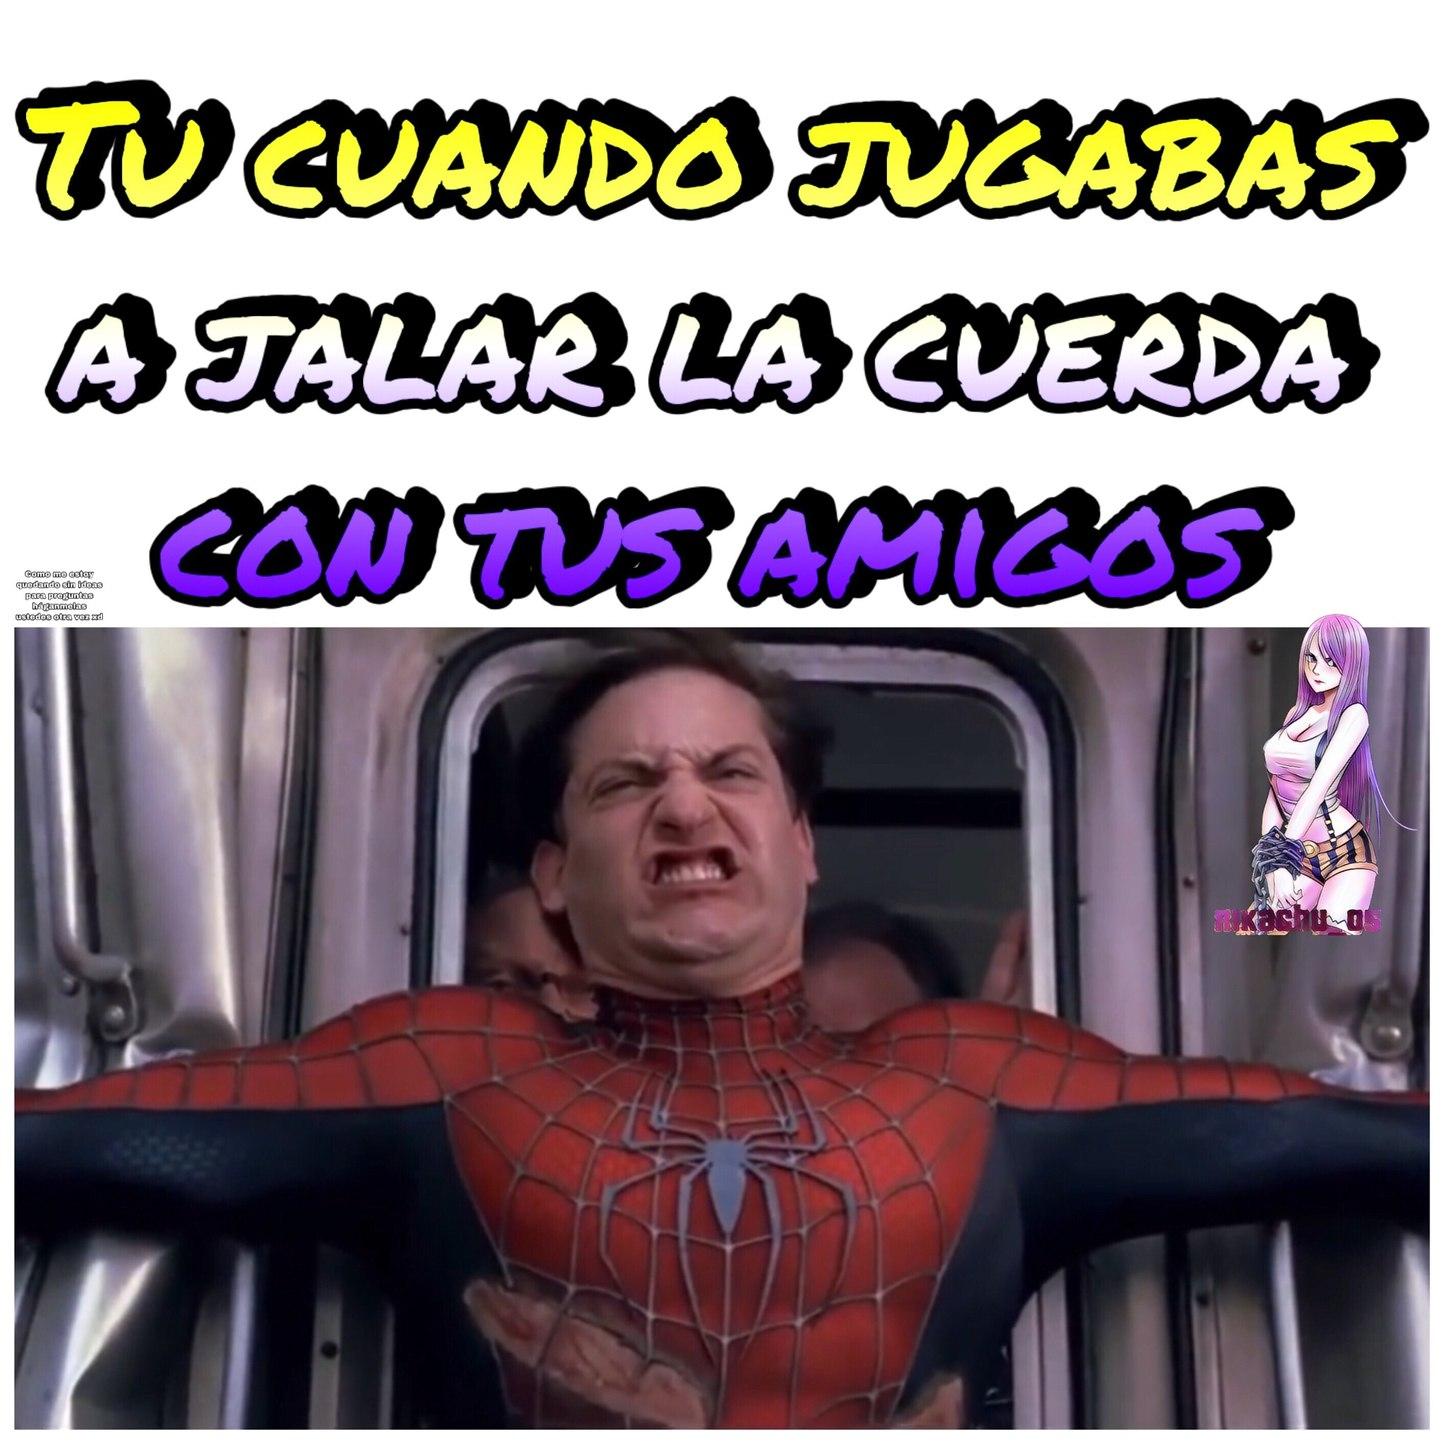 Spiderman si le hizo caso a Big Smoke \:stonerstanley:/ - meme